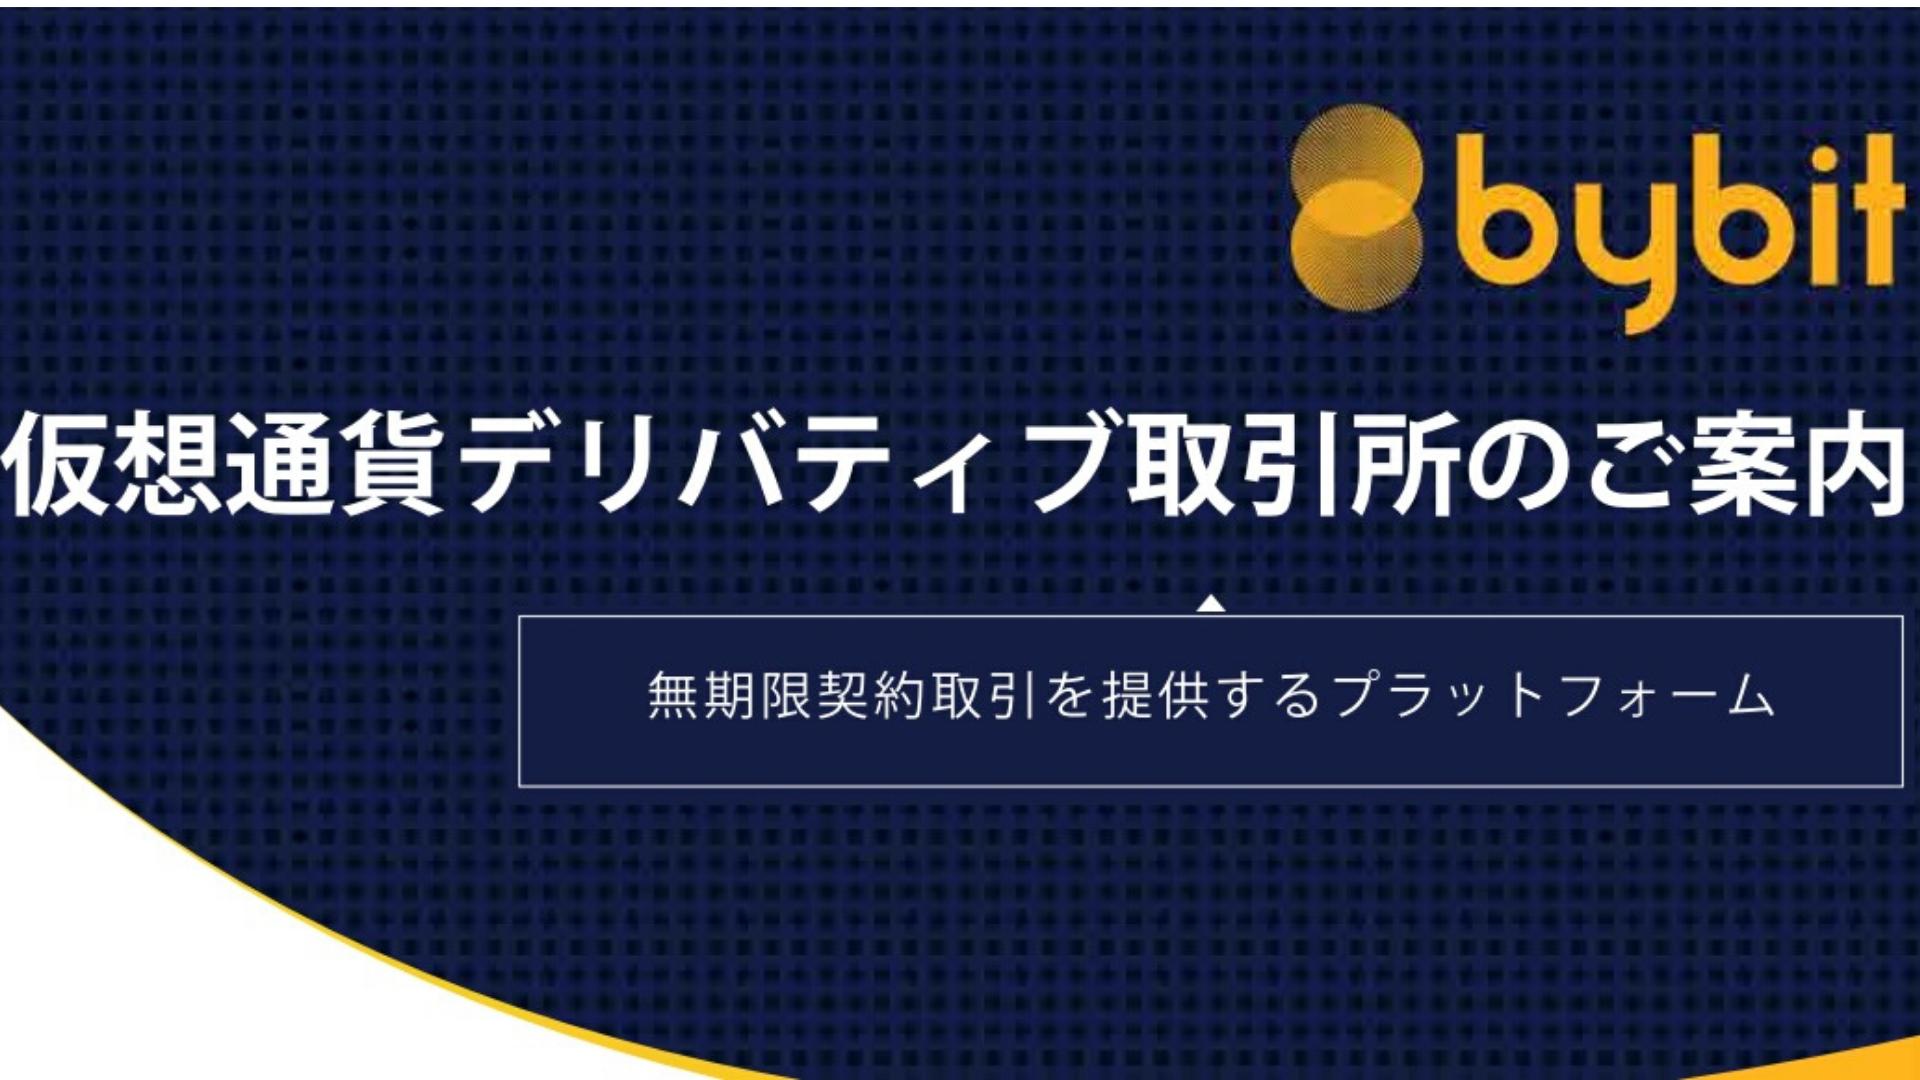 仮想通貨,Bybit,特徴